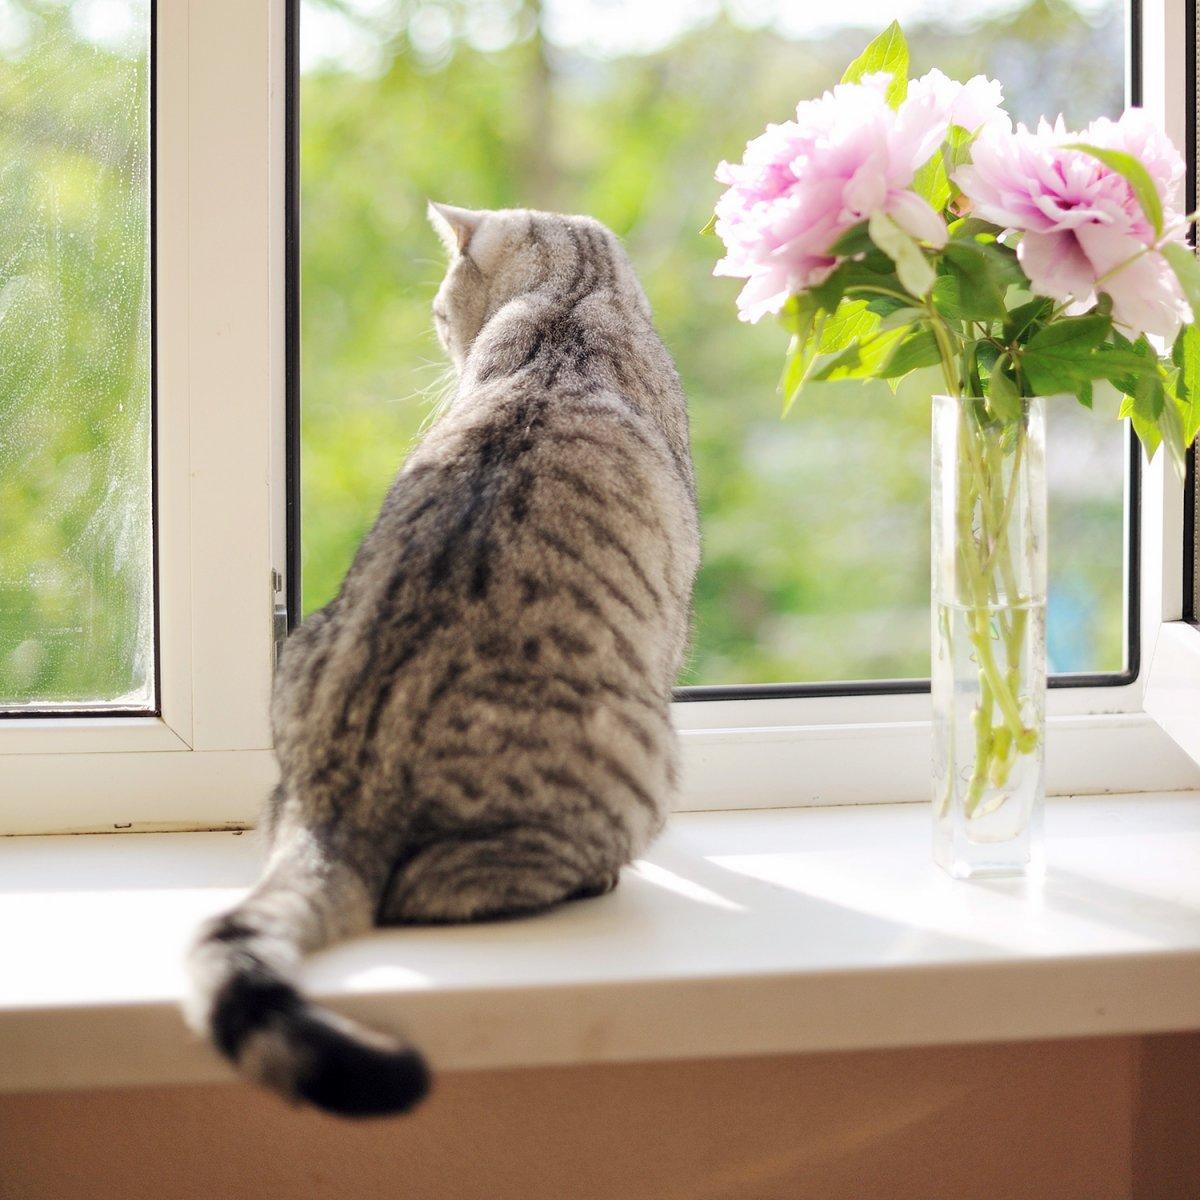 Por qué los gatos siempre caen de pie?. MundoGatos.com